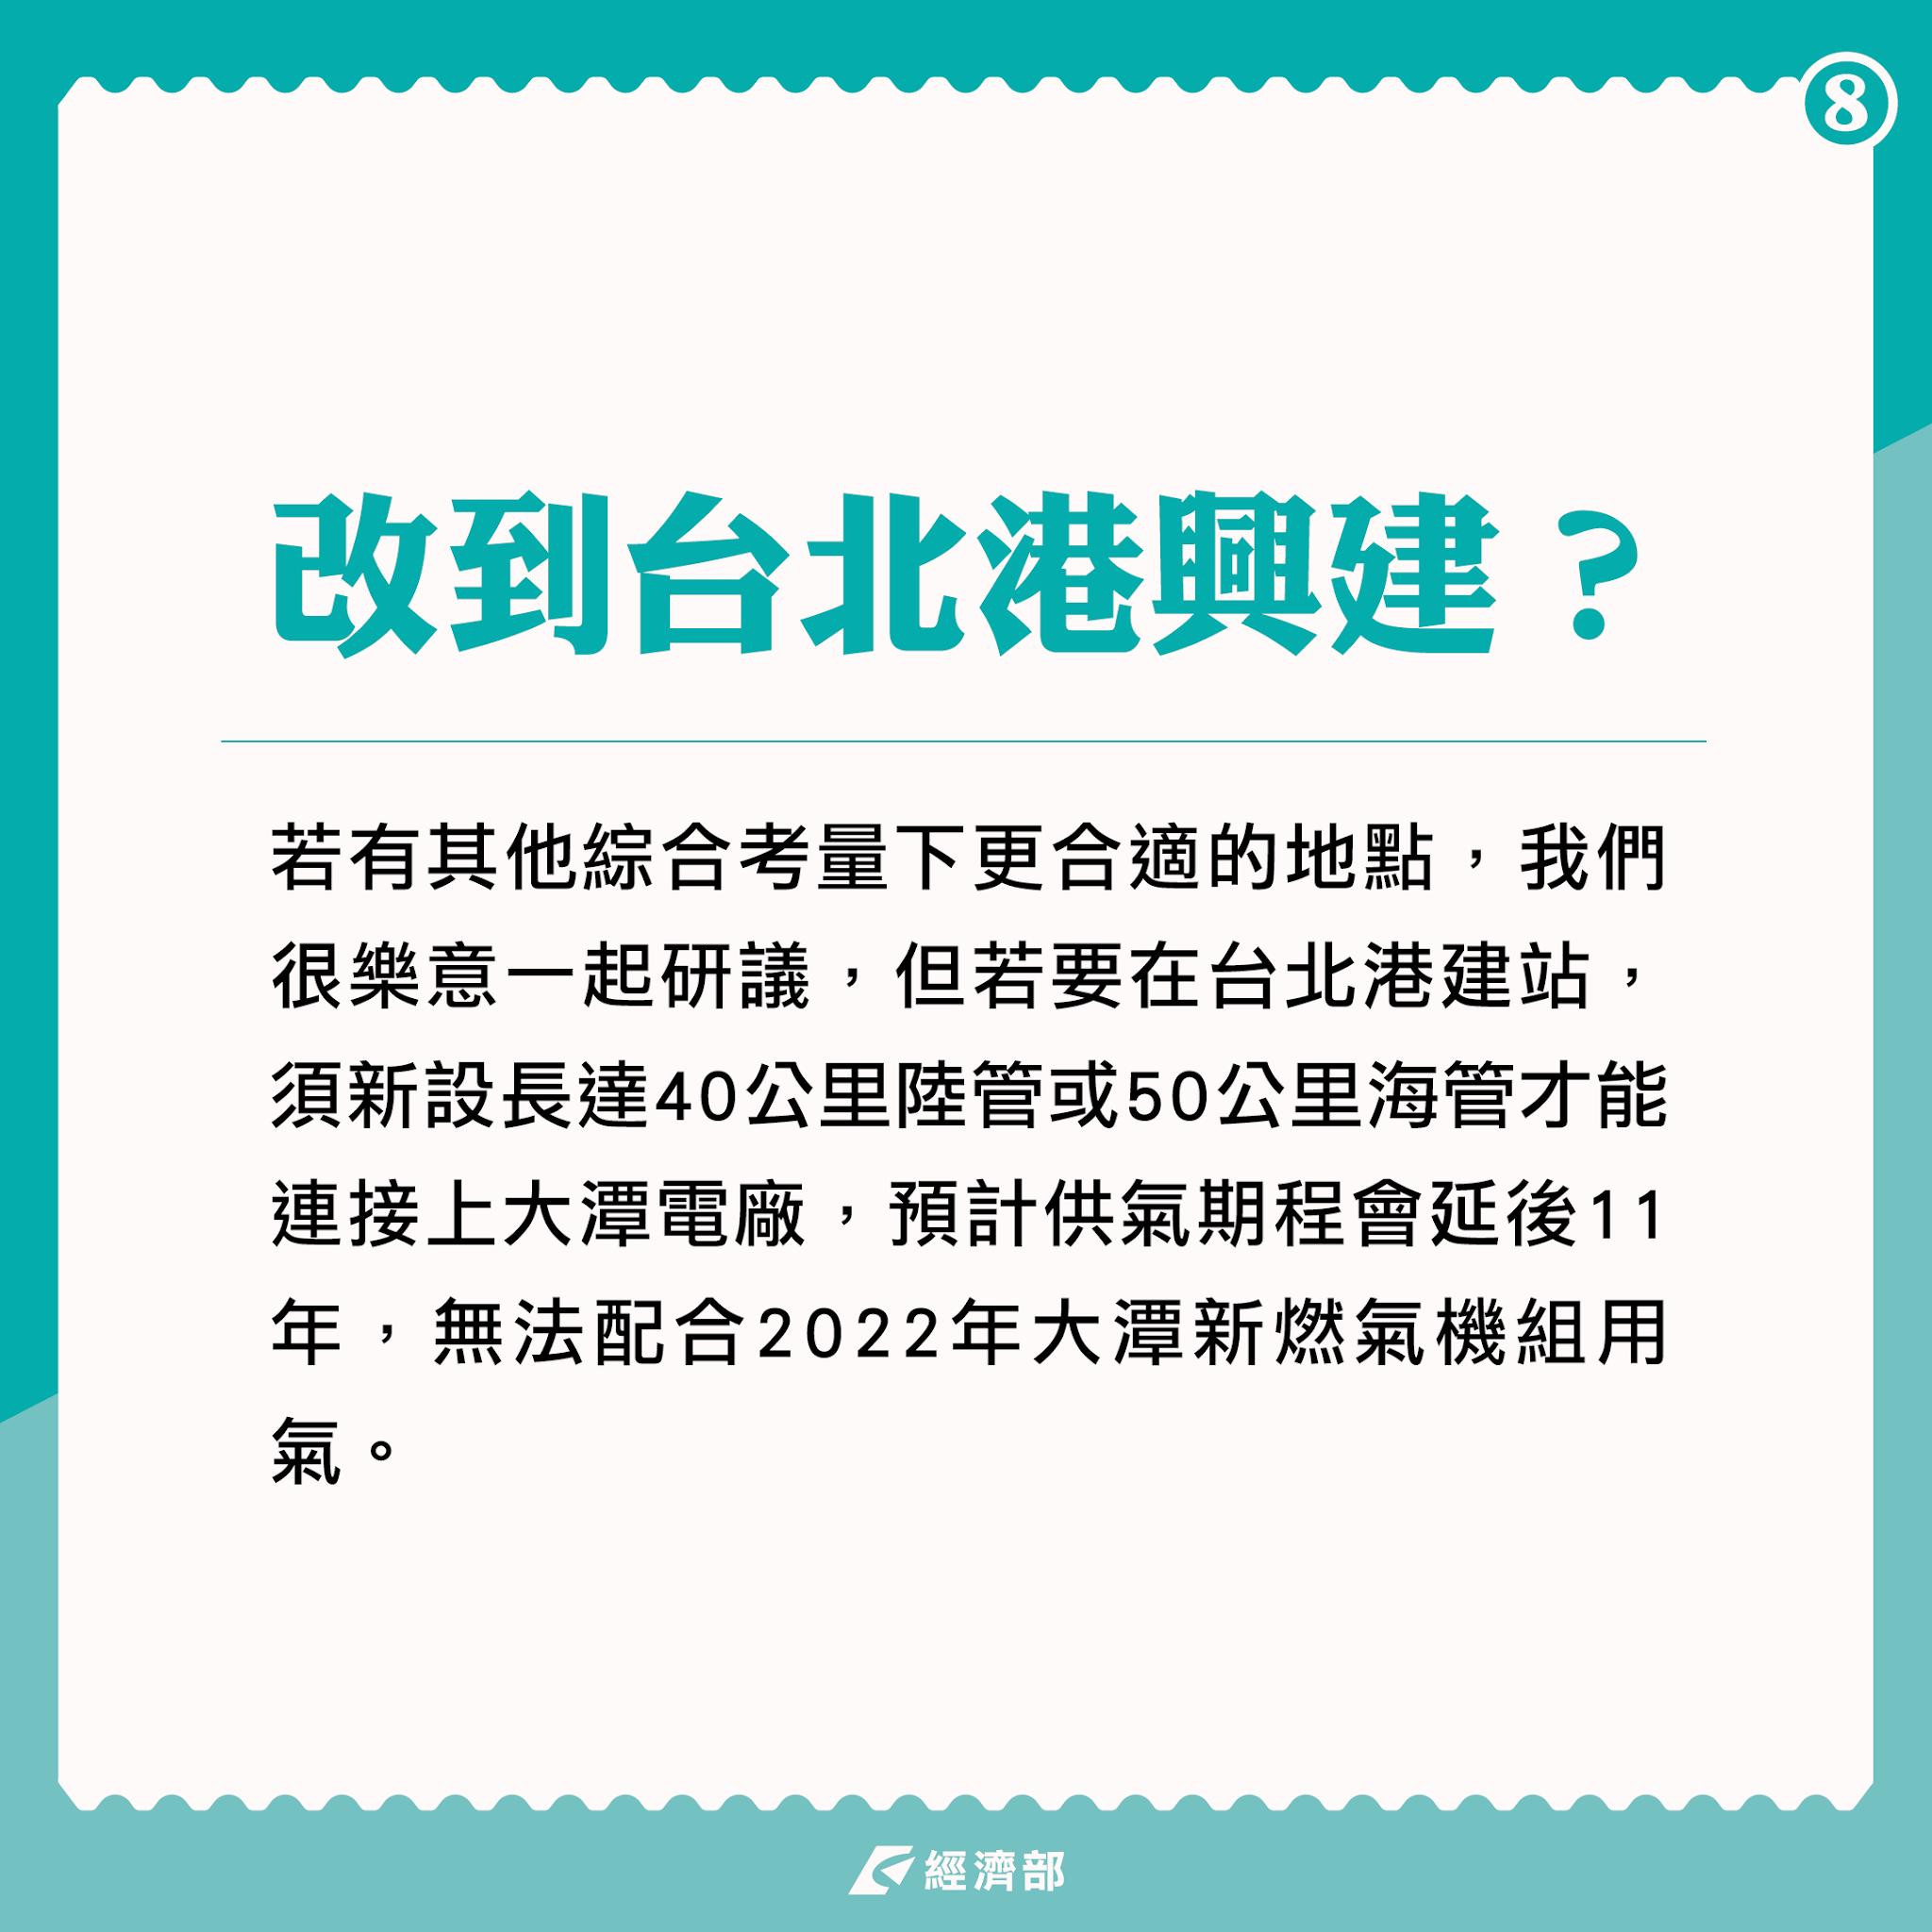 改到台北港興建?